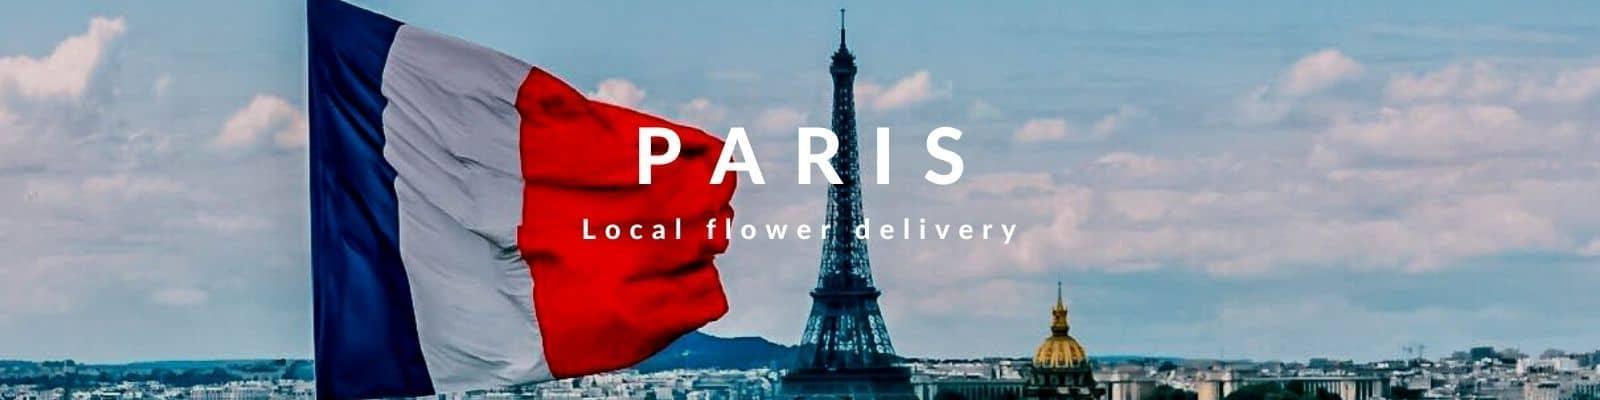 Send Flowers to Paris - Flower Delivery France & Paris